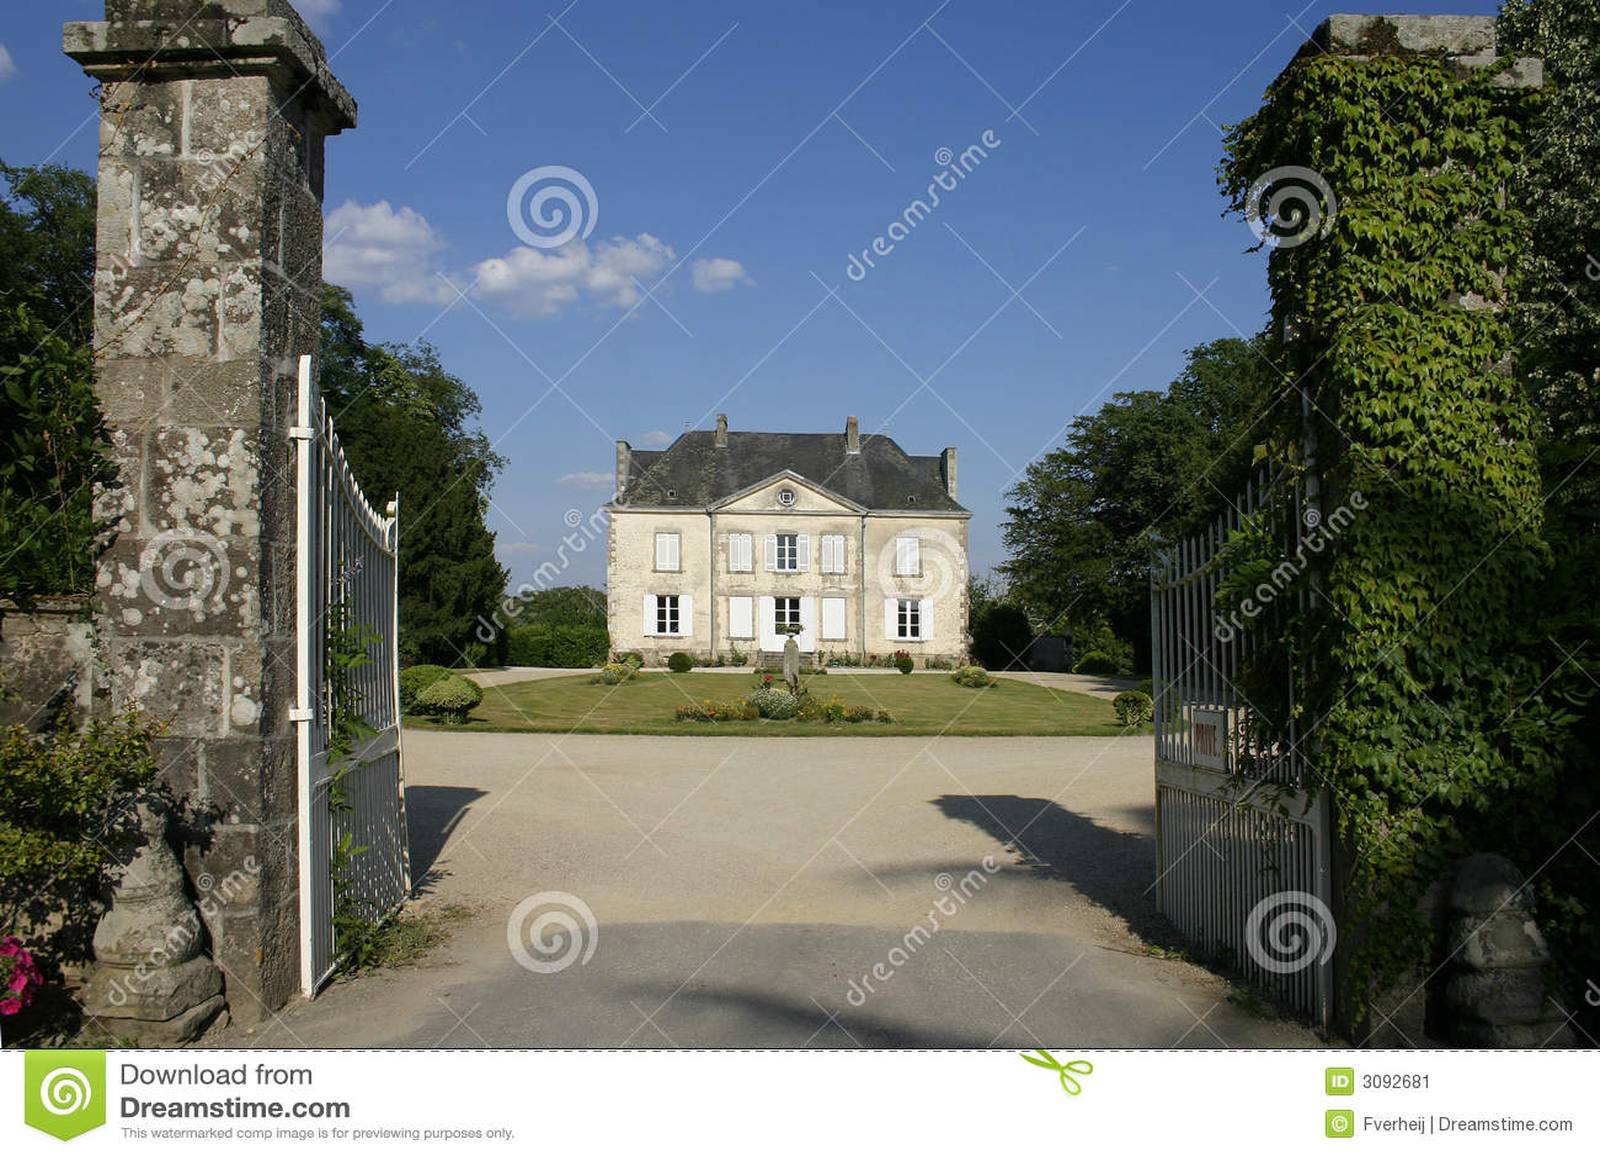 Casa di campagna francese immagine stock immagine 3092681 for Piani di casa di campagna francese